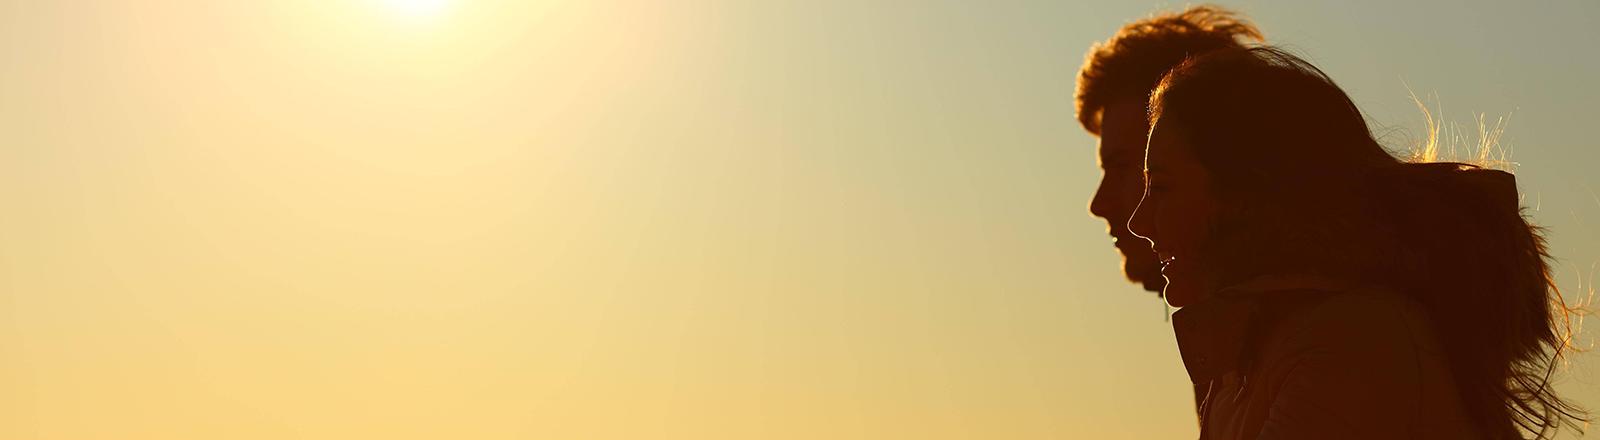 Ein Mann und eine Frau im Profil gucken im Sonnenuntergang aufs Meer.